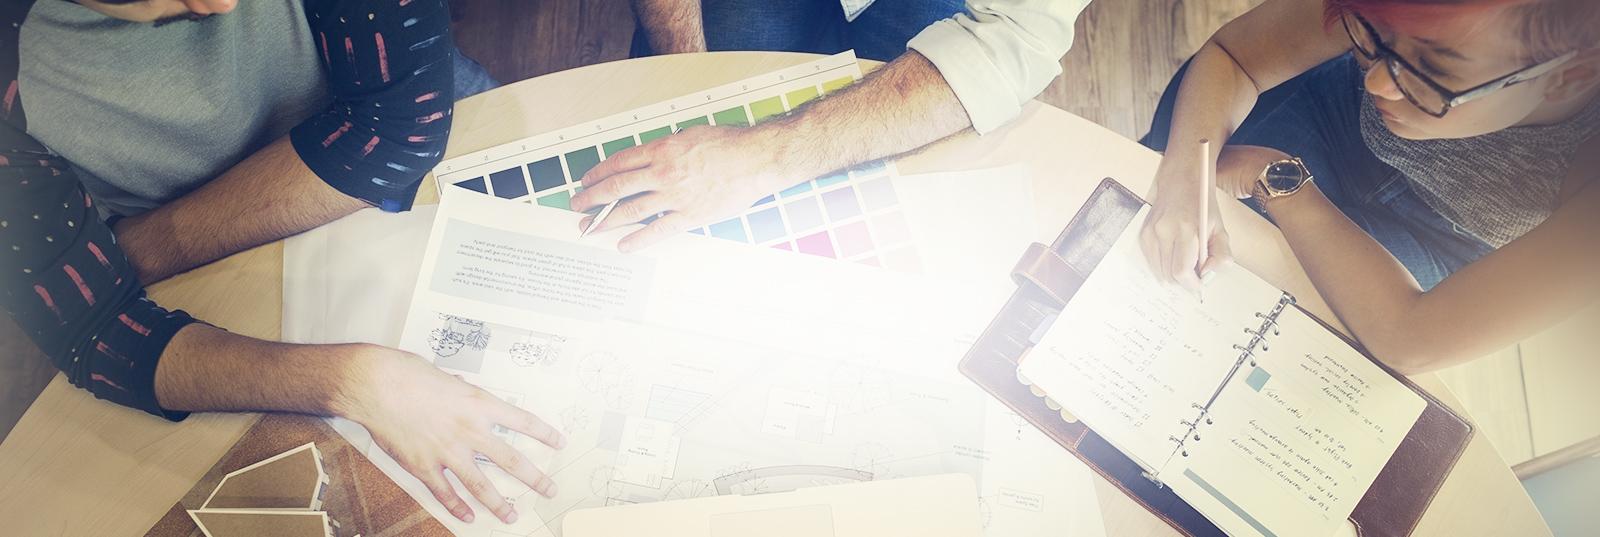 Personas sentadas frente a un escritorio consultando una laptop y eligiendo colores